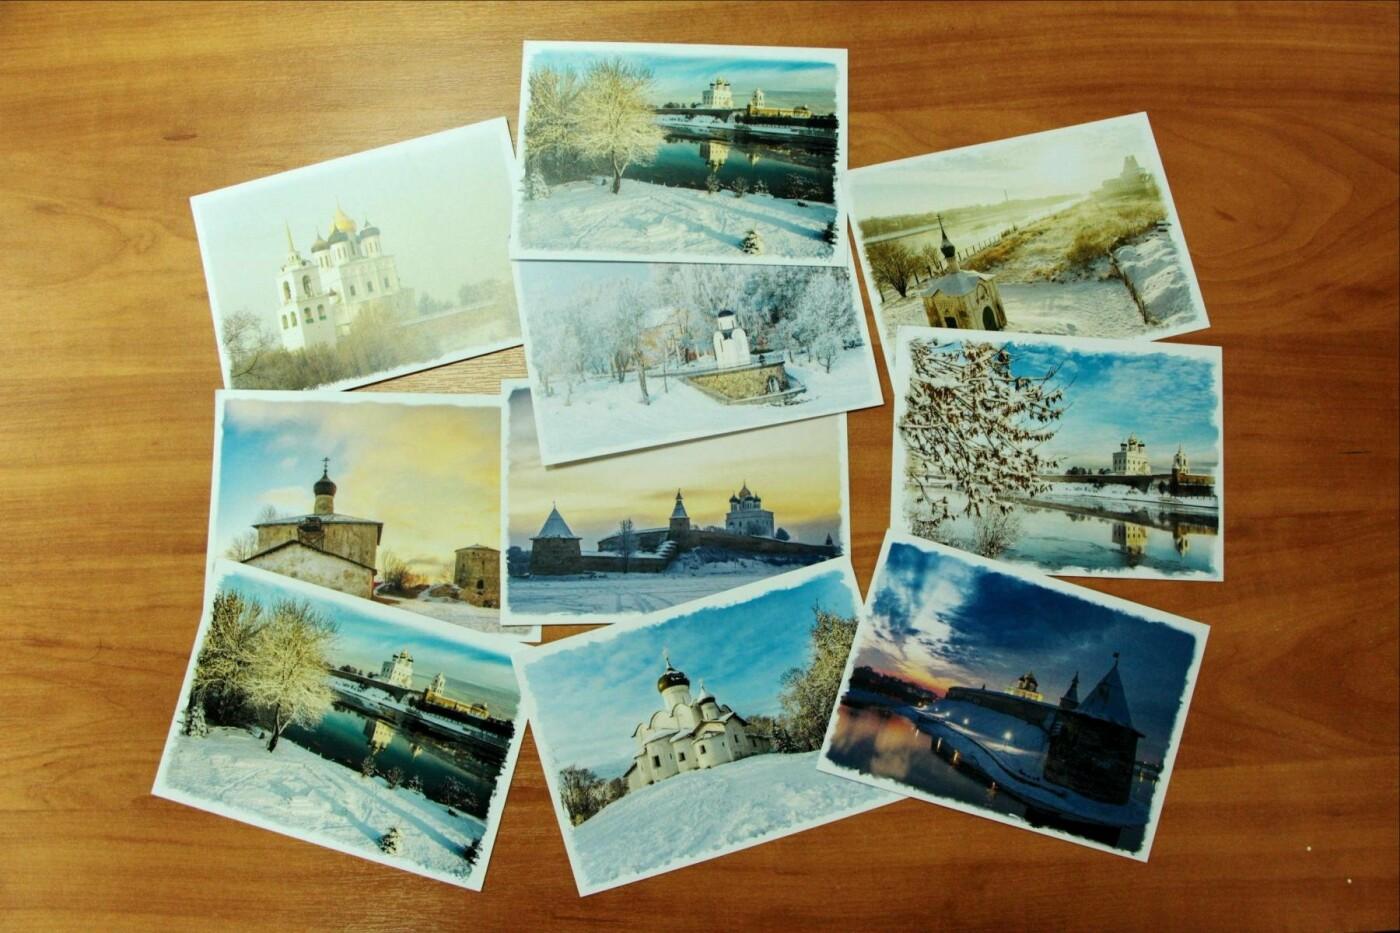 Места продаж открыток с видами зимнего Пскова, фото-1